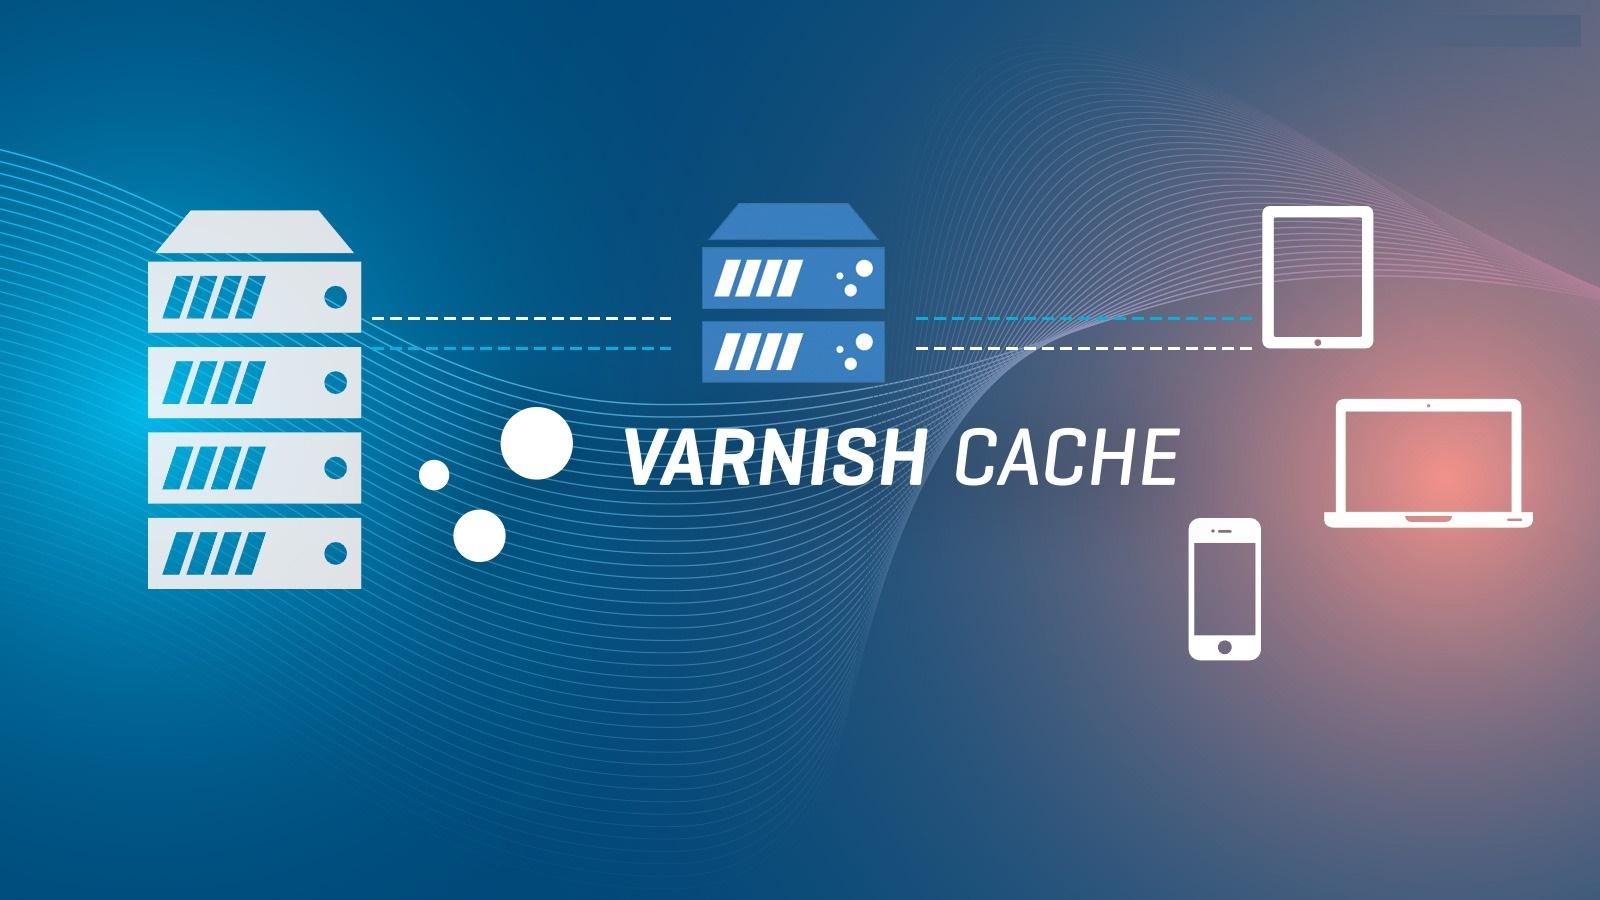 کانفیگ Varnish Cache